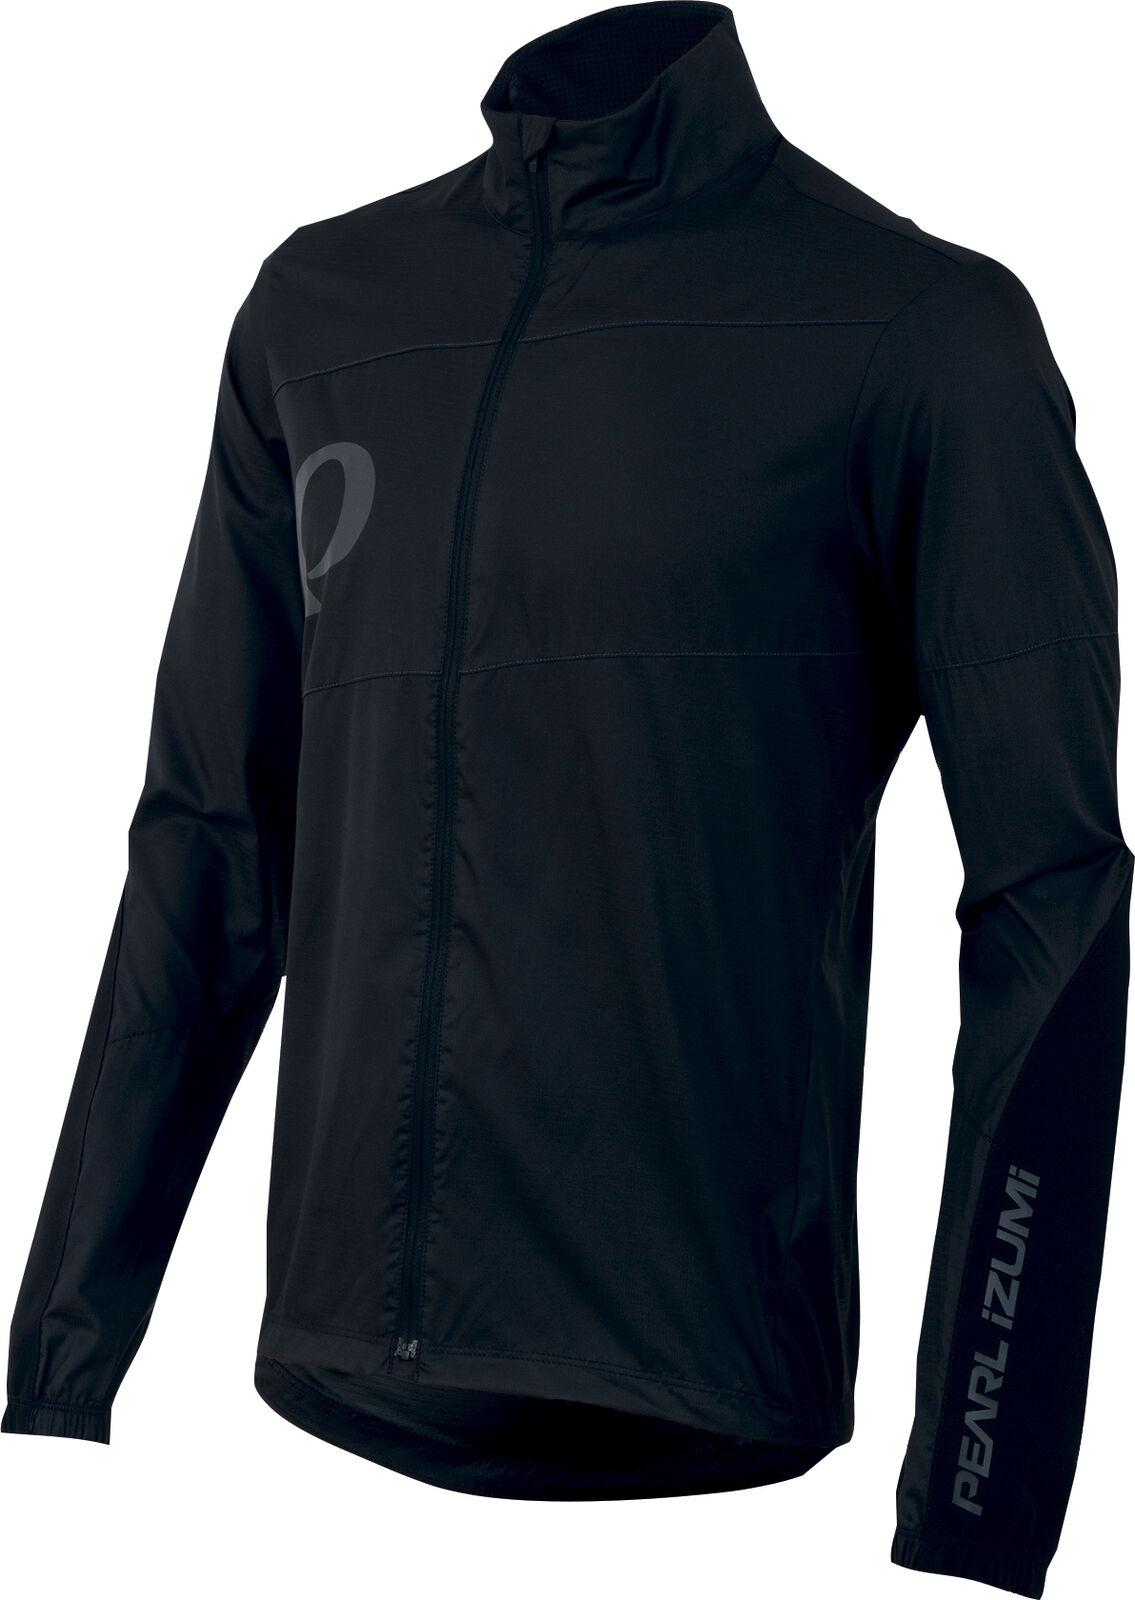 Pearl Izumi MTB Barrier bicicleta viento chaqueta  negro 2017  Seleccione de las marcas más nuevas como